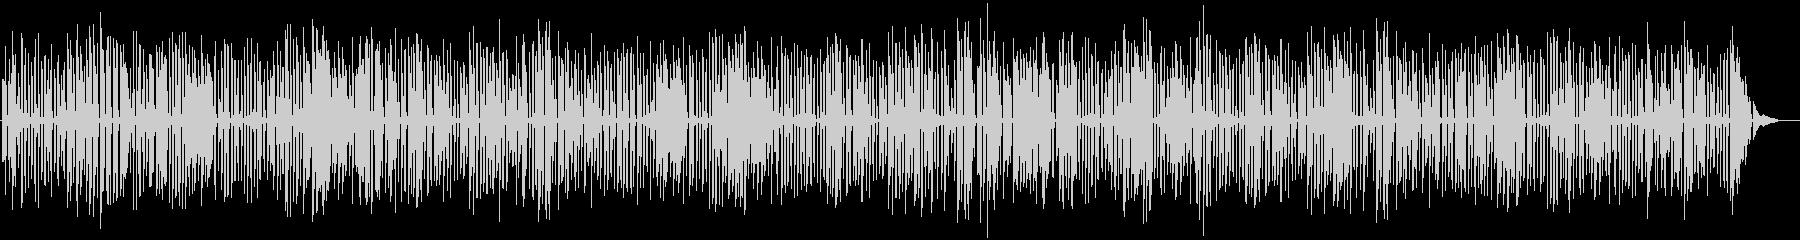 YouTube、おしゃれソロジャズピアノの未再生の波形